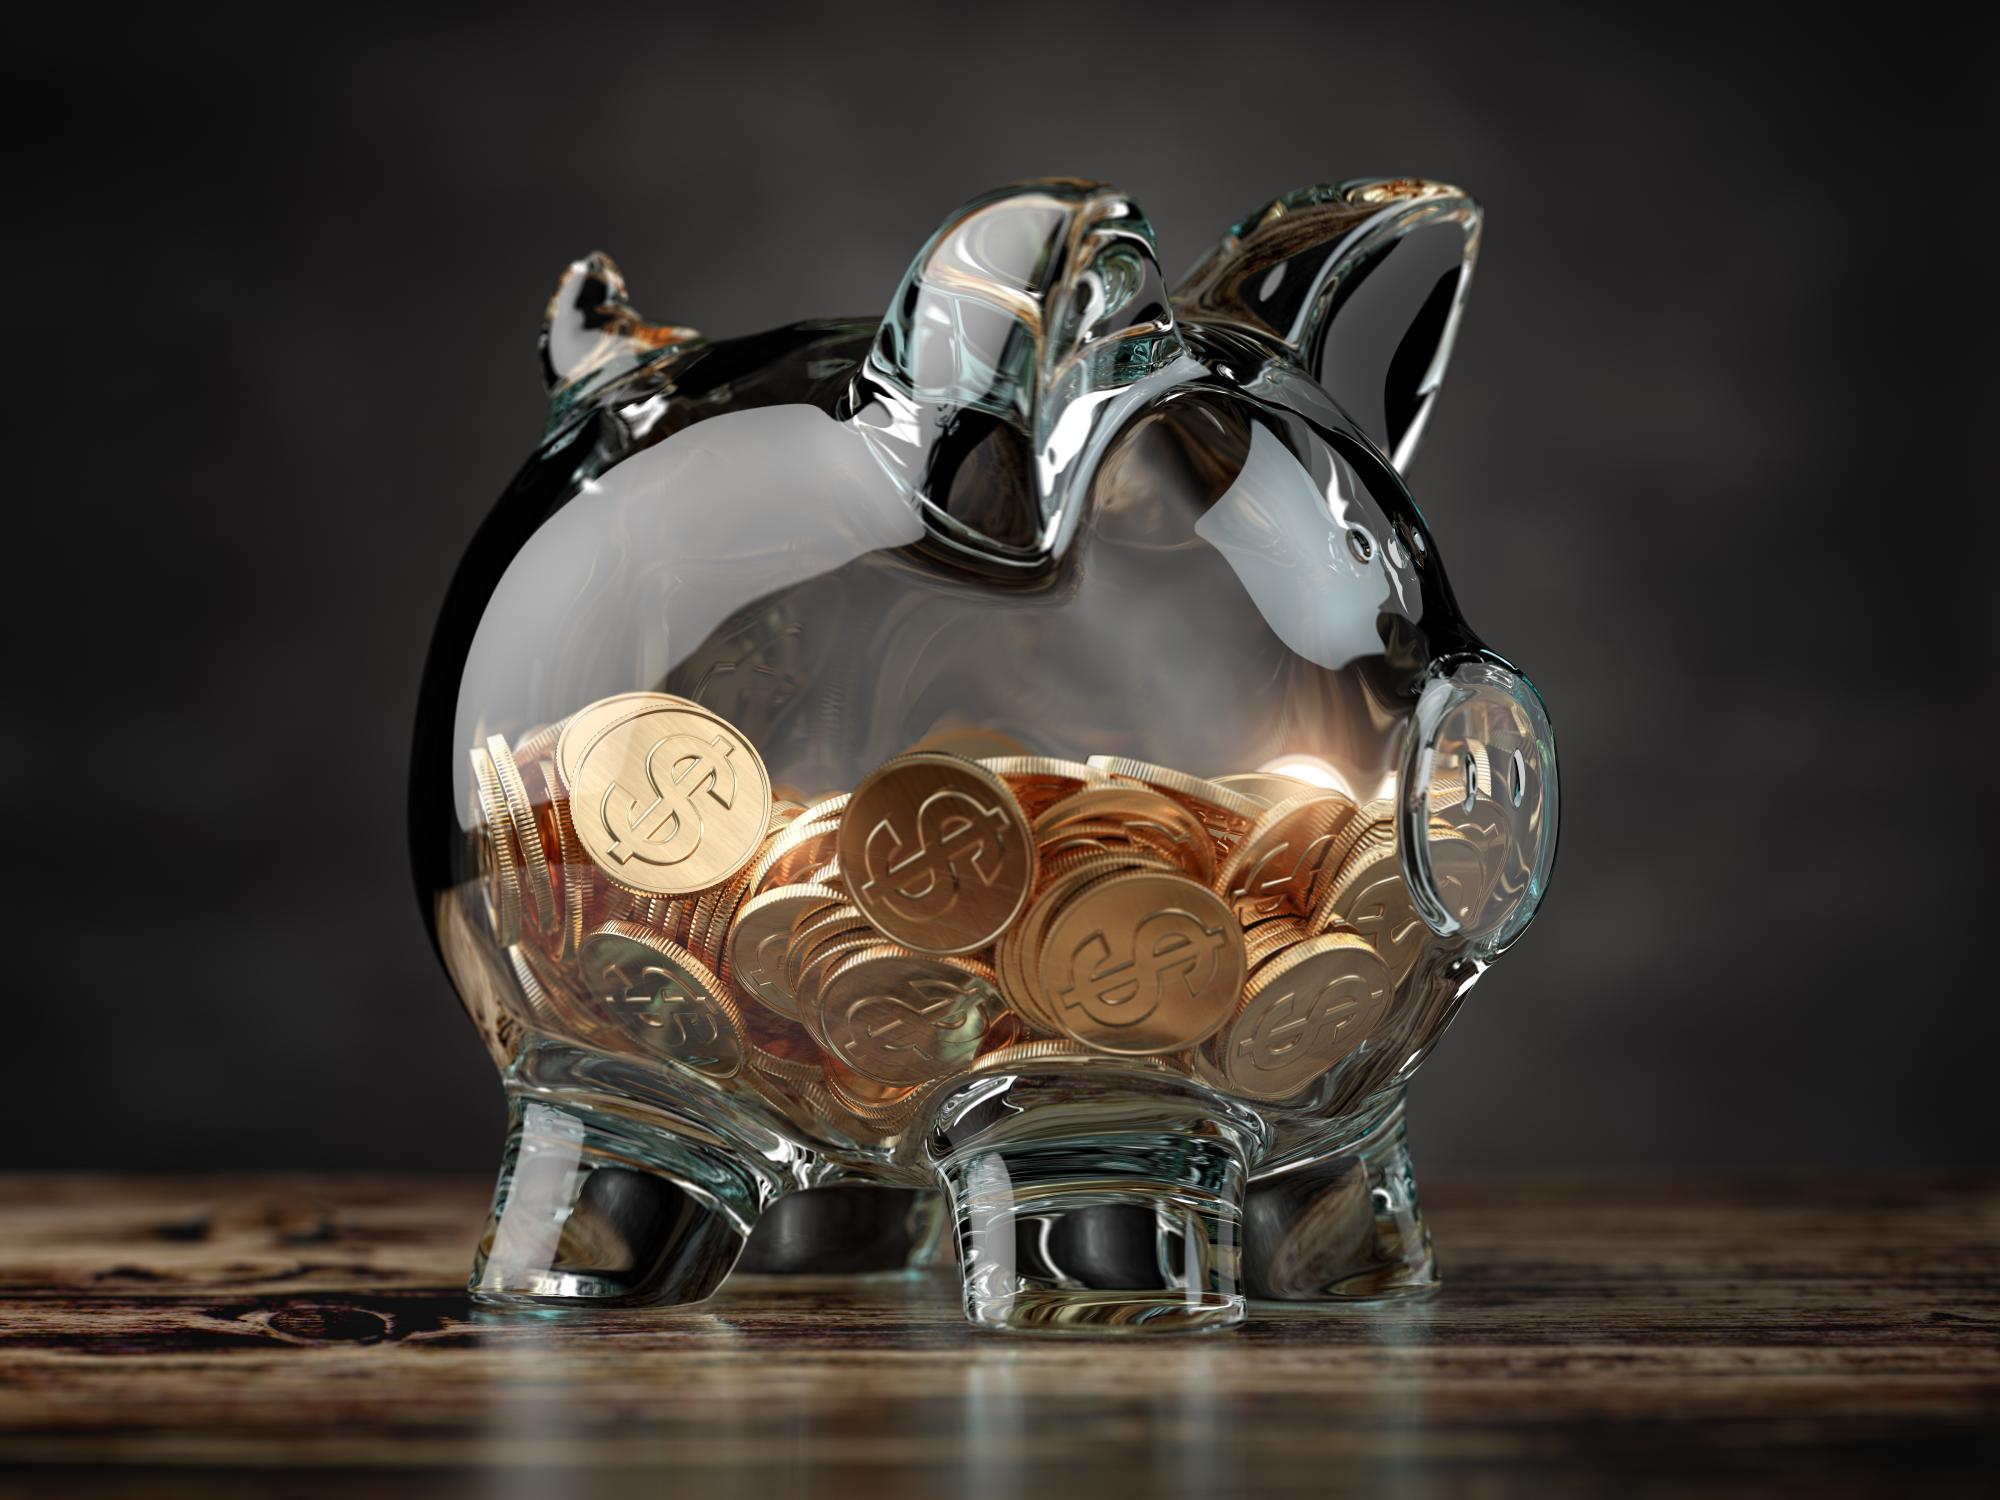 Банк не примет поручение на перевод иностранной фирме денежных средств в оплату работ, услуг, без поручения на уплату НДС